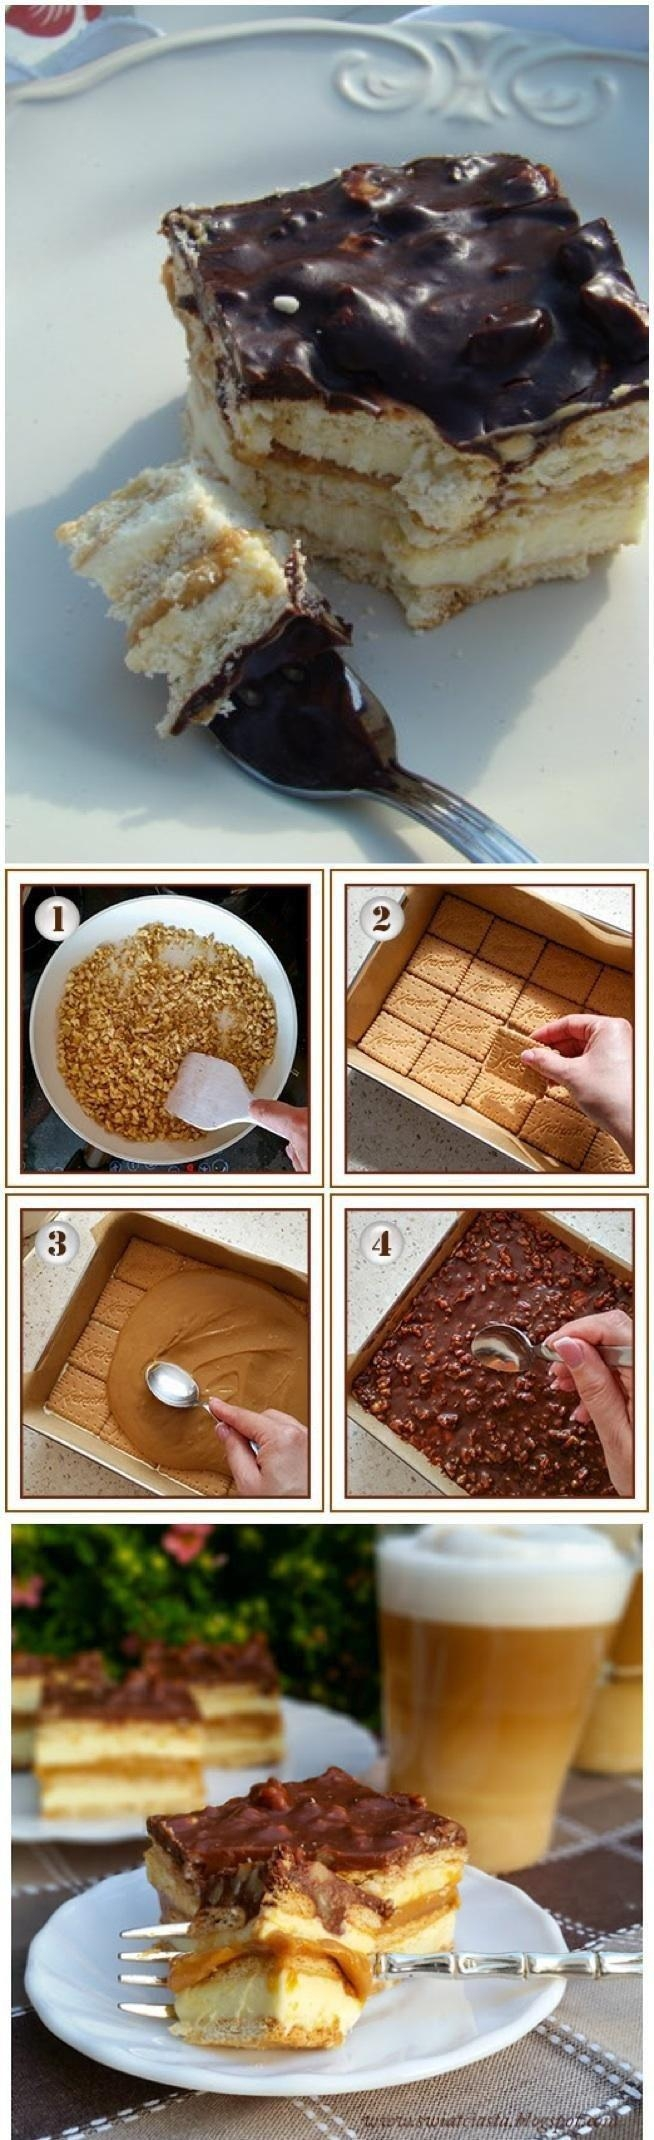 maxi king: SKŁADNIKI: ok. 400 g herbatników, 1 puszka gotowego masy krówkowej (lub mleka skondensowanego słodzonego gotowanego przez 2,5 - 3 godziny) SKŁADNIKI MASY MLECZNEJ: 1,5 kostki miękkiego masła, 1 szklanka mleka, 3/4 szklanki cukru, 2 łyżeczki cukru waniliowego, 400 - 500 g mleka w proszku (miałkiego) SKŁADNIKI POLEWY; 2 czekolady gorzkie, 1/2 szklanki kremówki, 150 g orzechów laskowych (ew. ziemnych) WYKONANIE Orzeszki posiekać i podprażyć na suchej patelni (fot.1). Blachę wyłożyć papierem do pieczenia. Położyć pierwszą warstwę herbatników (fot.2). Szklankę mleka, cukier i cukier waniliowy zagotować i odstawić do ostygnięcia. Masło utrzeć na gładką i puszystą masę, a następnie dodać mleko i mleko w proszku (wedle uznania od 3 do 4 szklanek). Utrzeć. Masę na chwilę odstawić do lodówki, żeby trochę zgęstniała. Następnie połowę masy mlecznej wyłożyć na herbatniki i przykryć następną warstwą herbatników. Przygotować masę krówkową. Dobrze jest ją wcześniej podgrzać wkładając puszkę do garnka z wodą i chwilę pogotować. Będzie się lepiej rozprowadzać (fot.3). Wyłożyć ją na herbatniki. Bezpośrednio na masę krówkową rozprowadzić resztę masy mlecznej, a na nią warstwę herbatników. Czekoladę roztopić w rondelku razem z mlekiem. Kiedy się rozpuści, dodać orzeszki i polać nią wierzch ciasta (fot.4). Całość schłodzić w lodówce przez minimum 3 godziny.